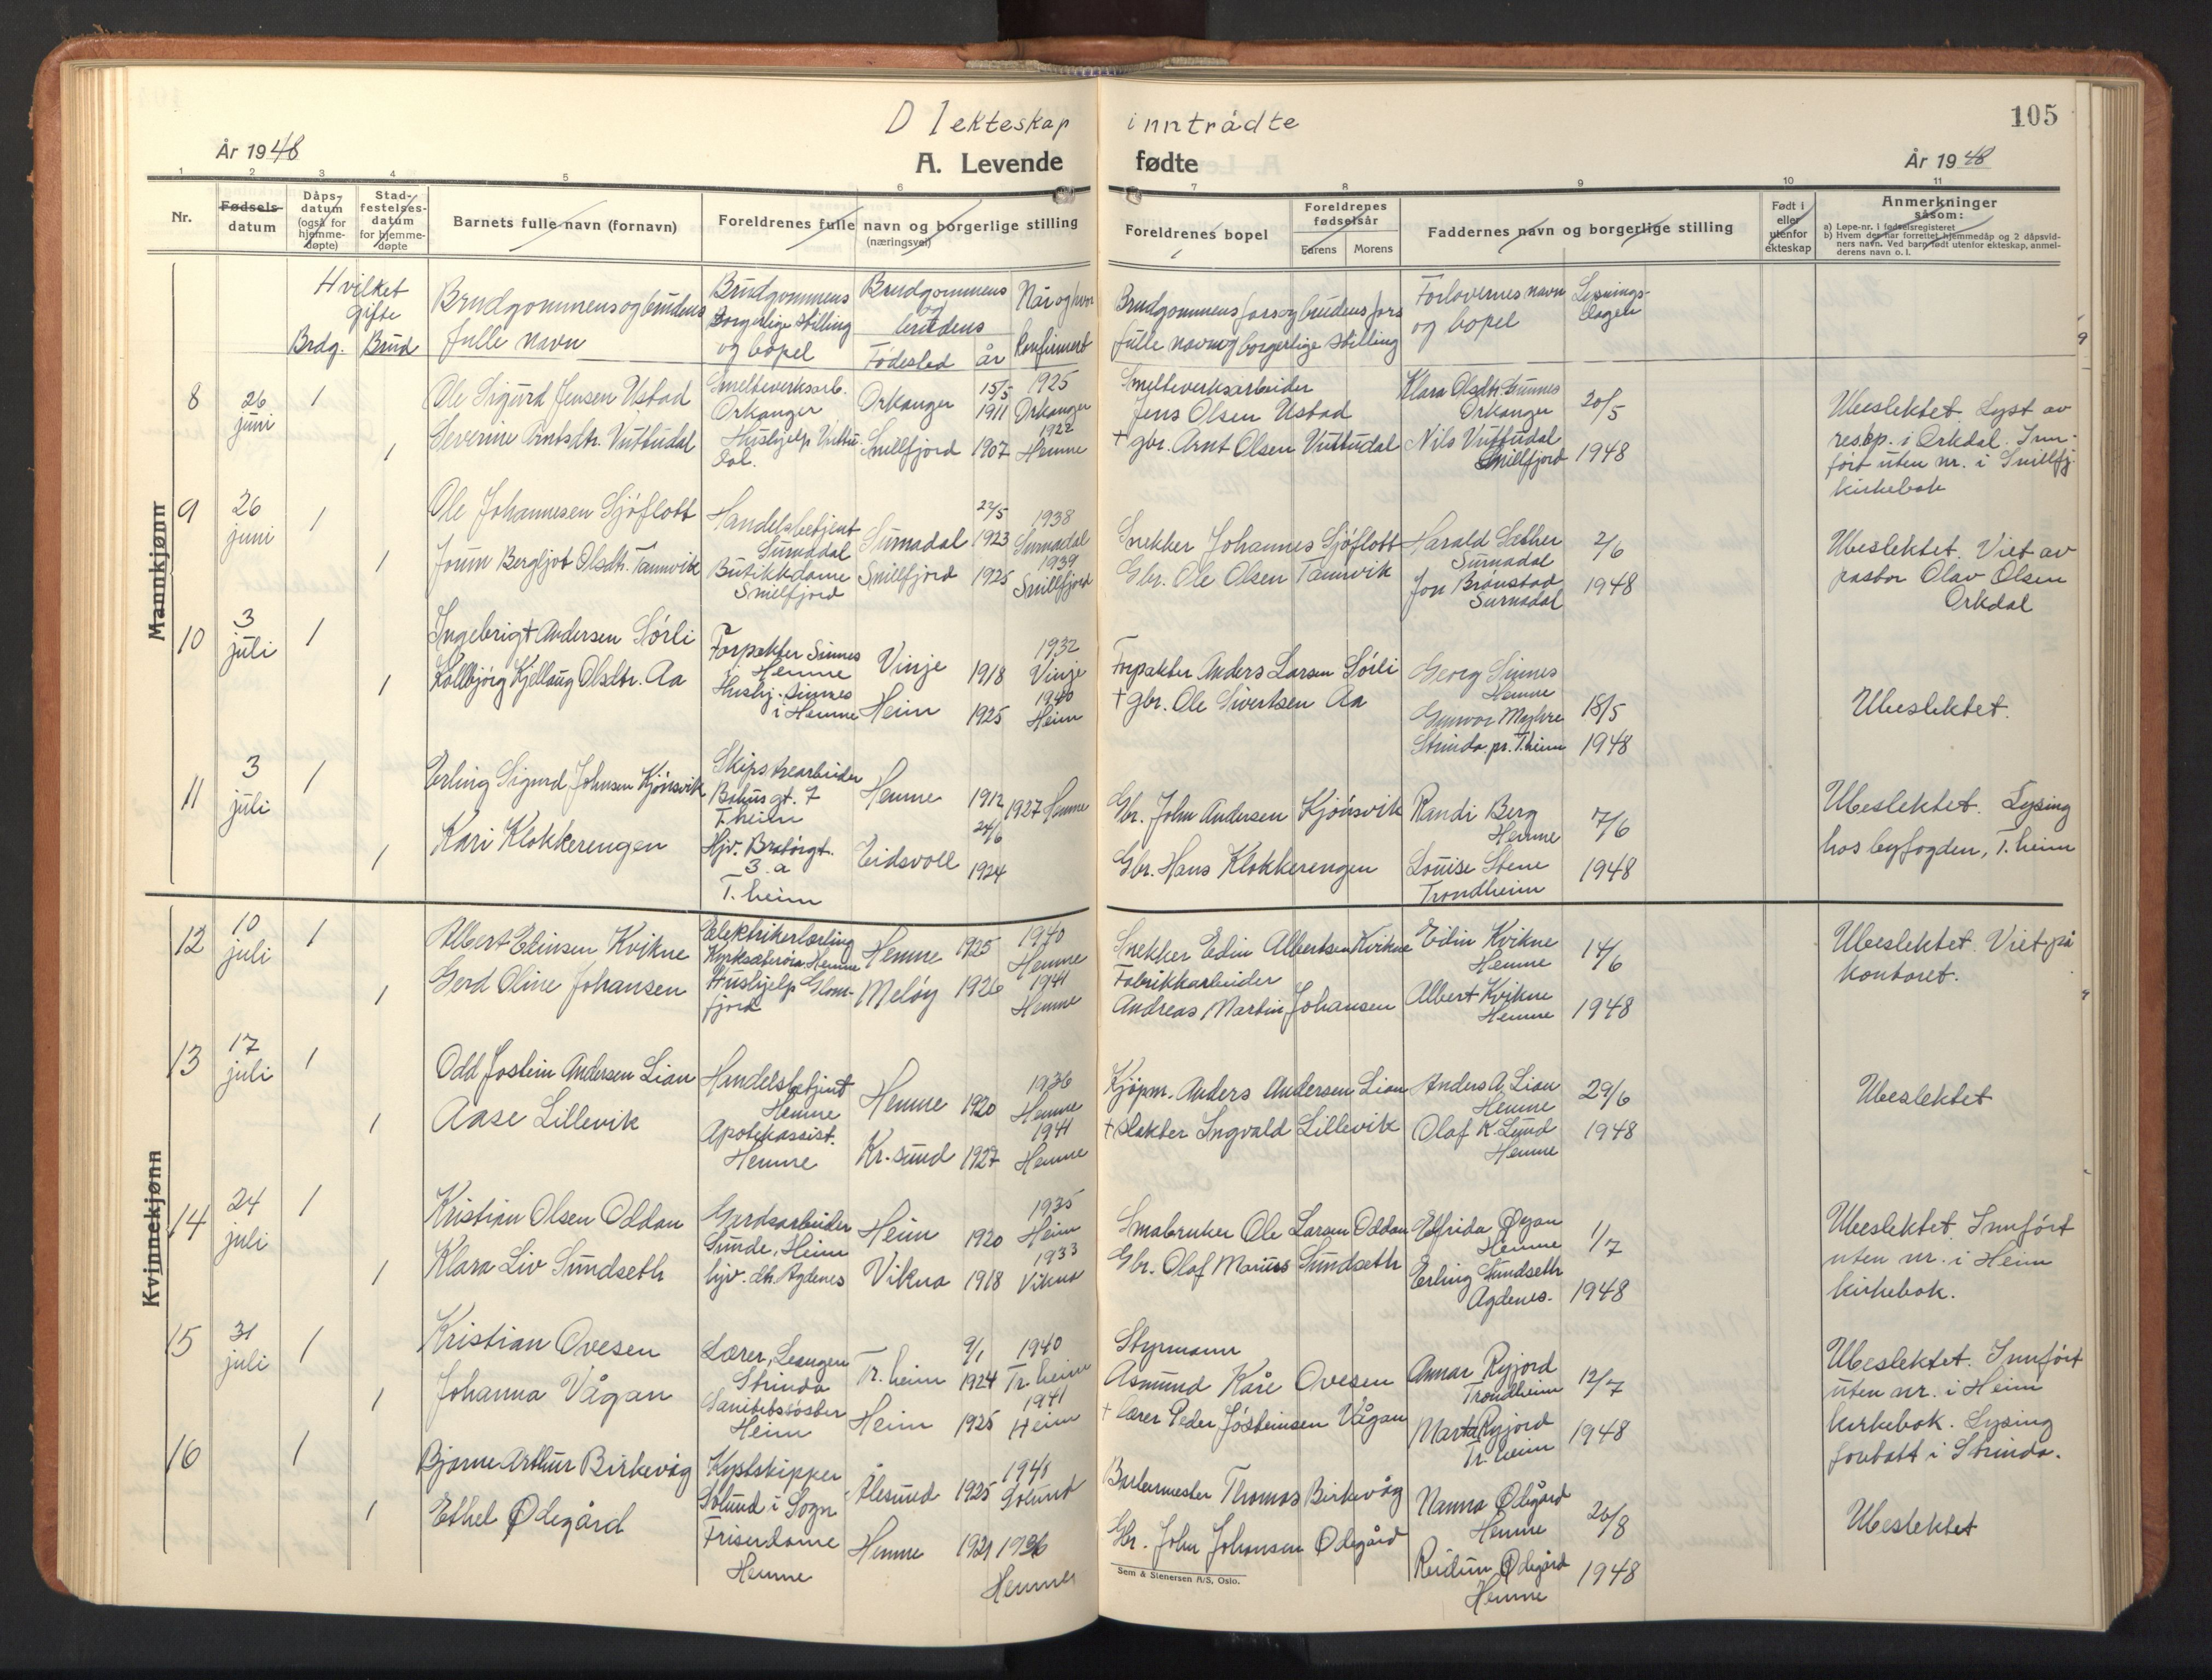 SAT, Ministerialprotokoller, klokkerbøker og fødselsregistre - Sør-Trøndelag, 630/L0508: Klokkerbok nr. 630C06, 1933-1950, s. 105